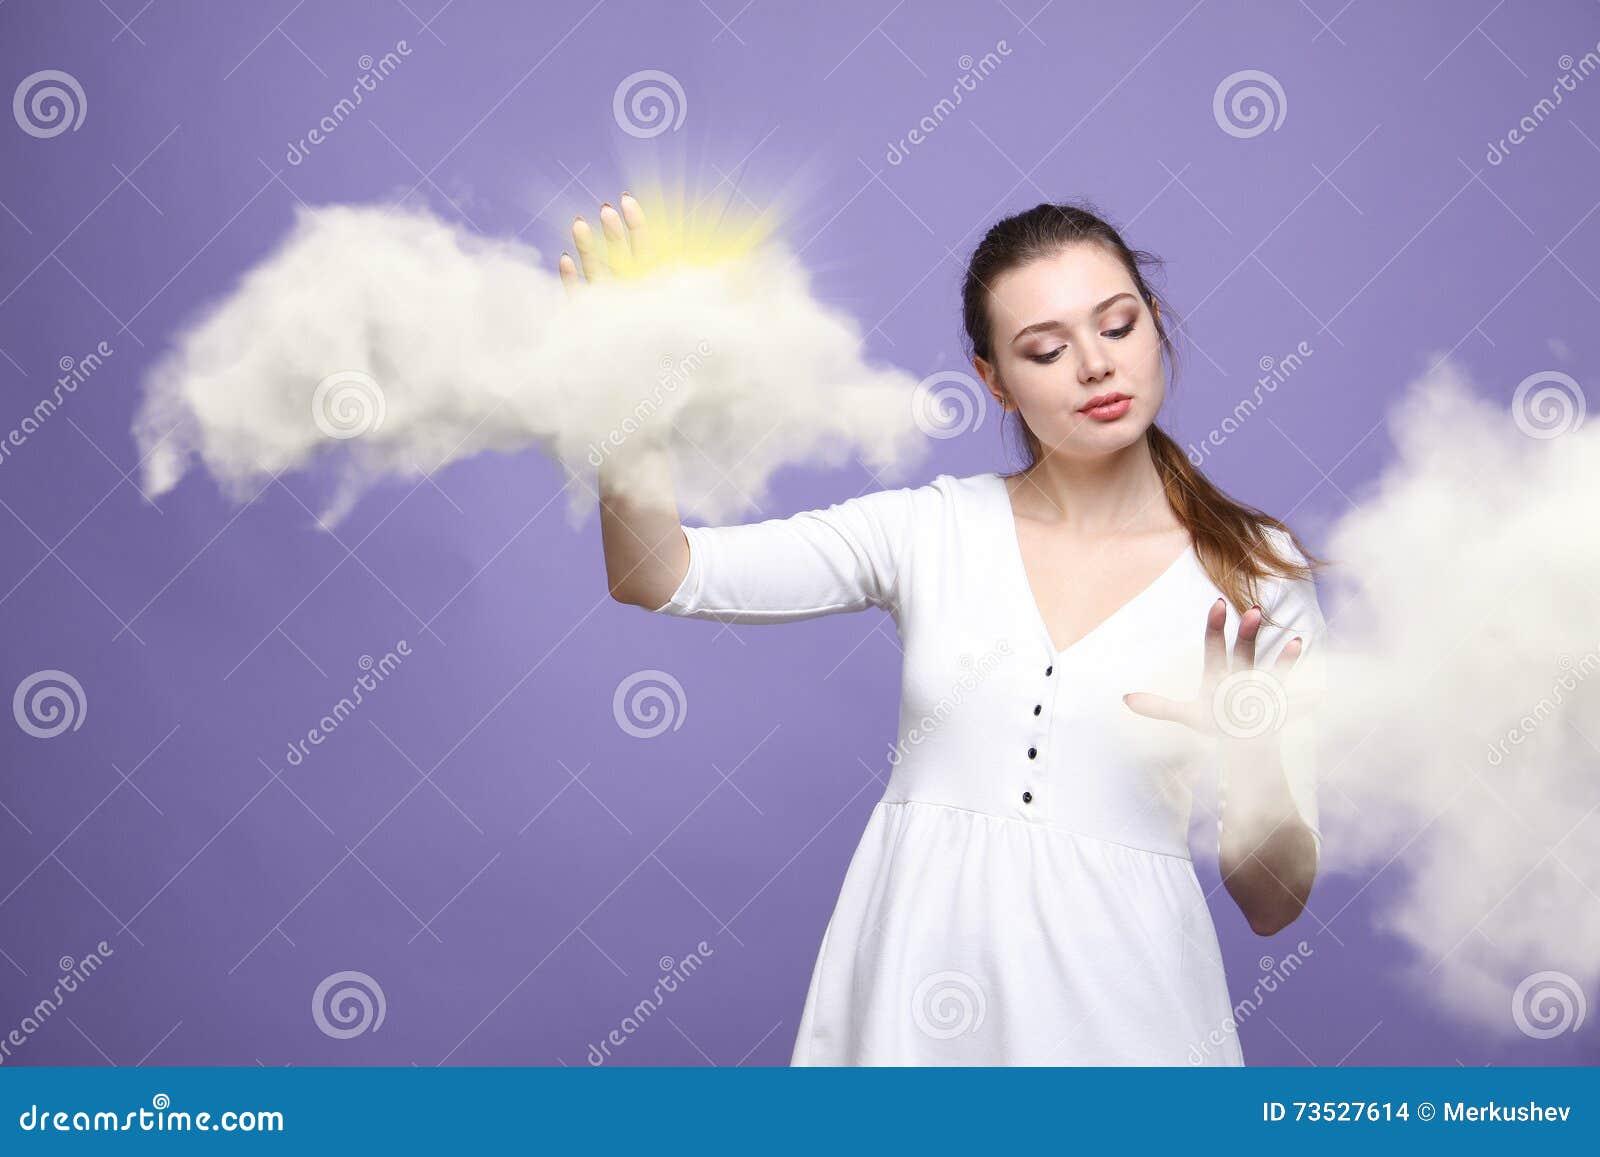 Mujer joven y sol que brillan hacia fuera de detrás las nubes, la computación de la nube o el concepto del tiempo